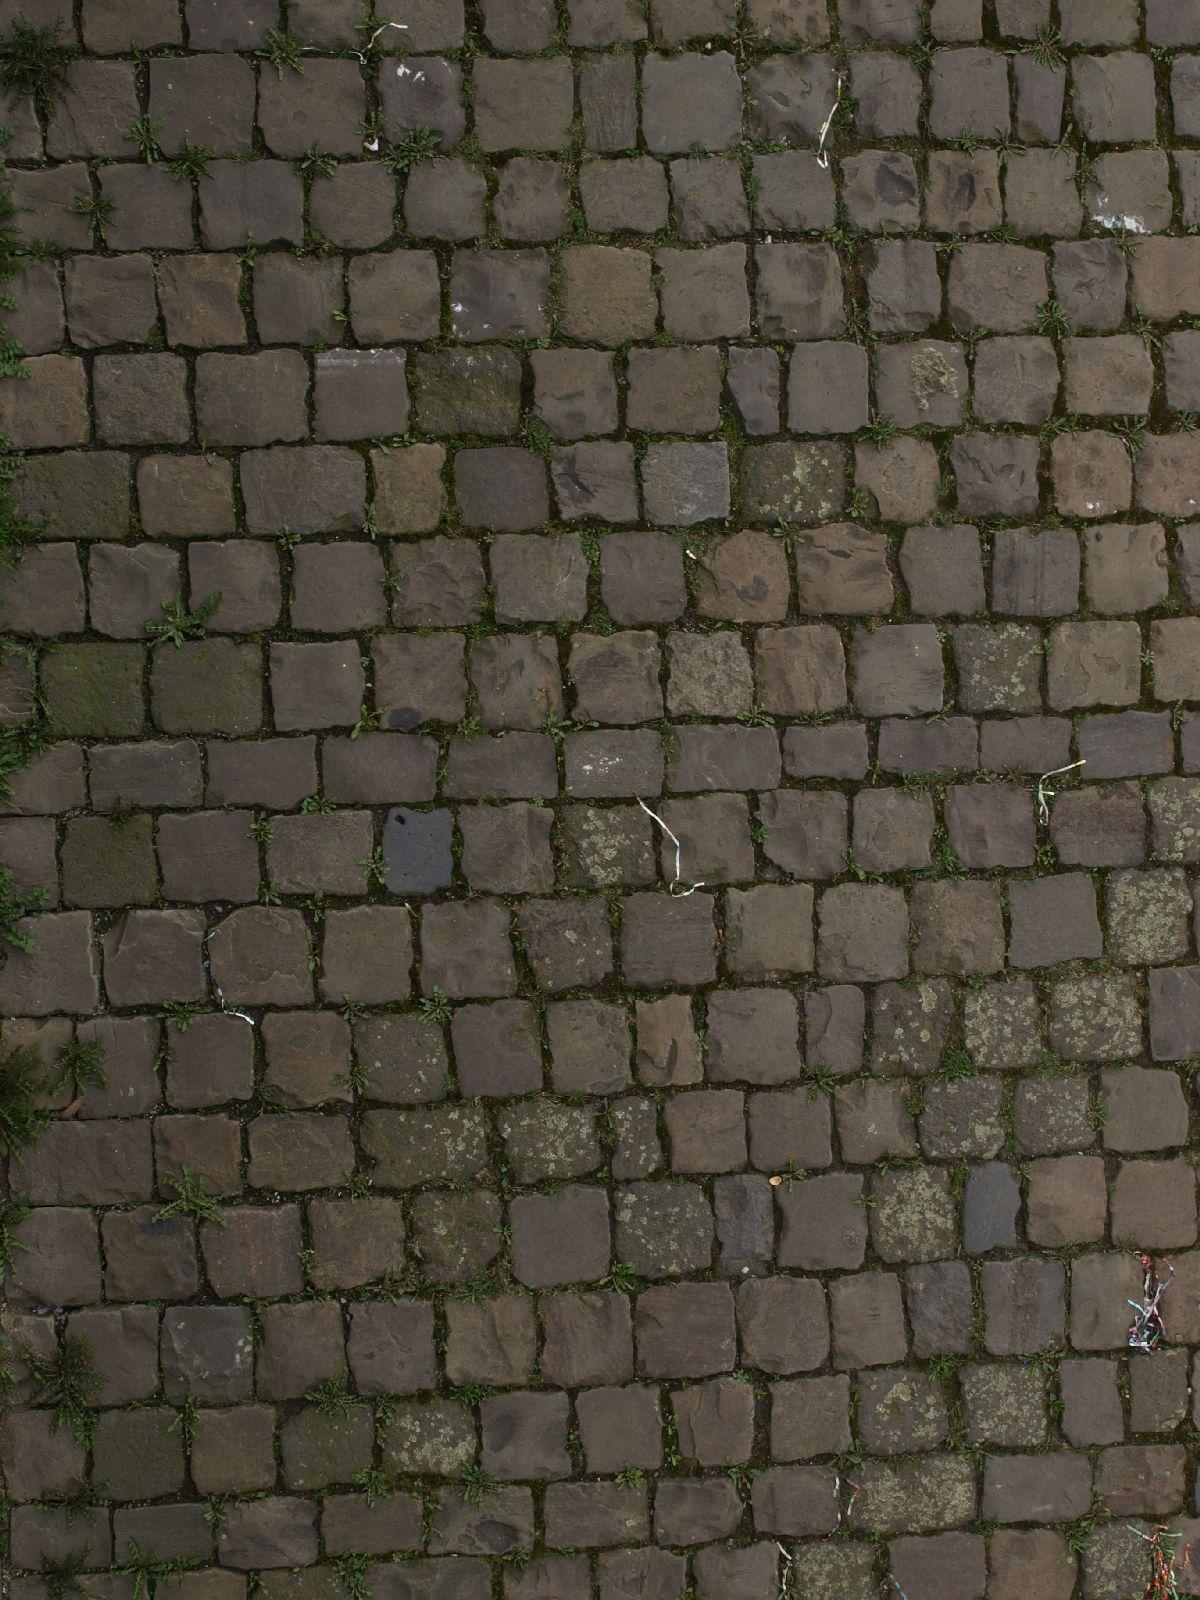 Ground-Urban_Texture_A_P4041486